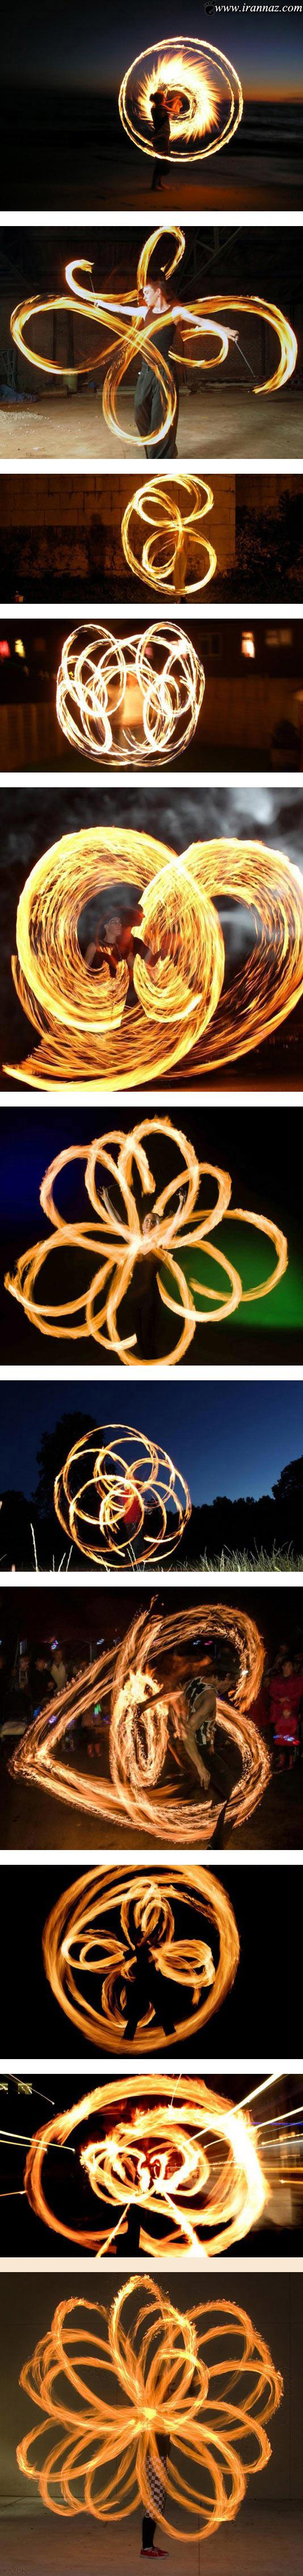 عکس های حیرت آور از آتش بازی در شب